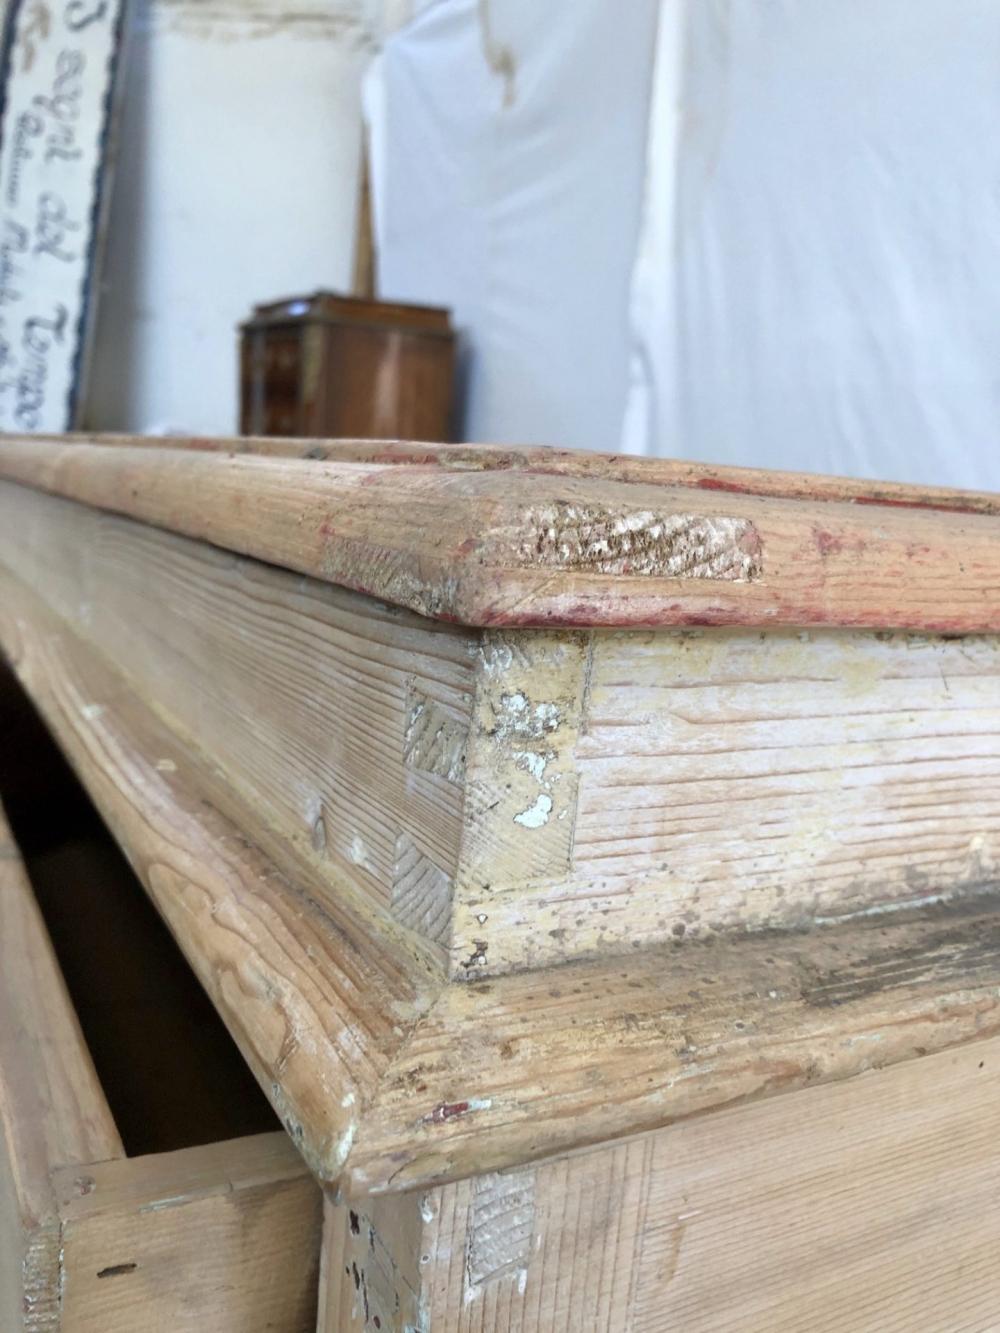 Bancone espositore fine 800, abete – cod.1481